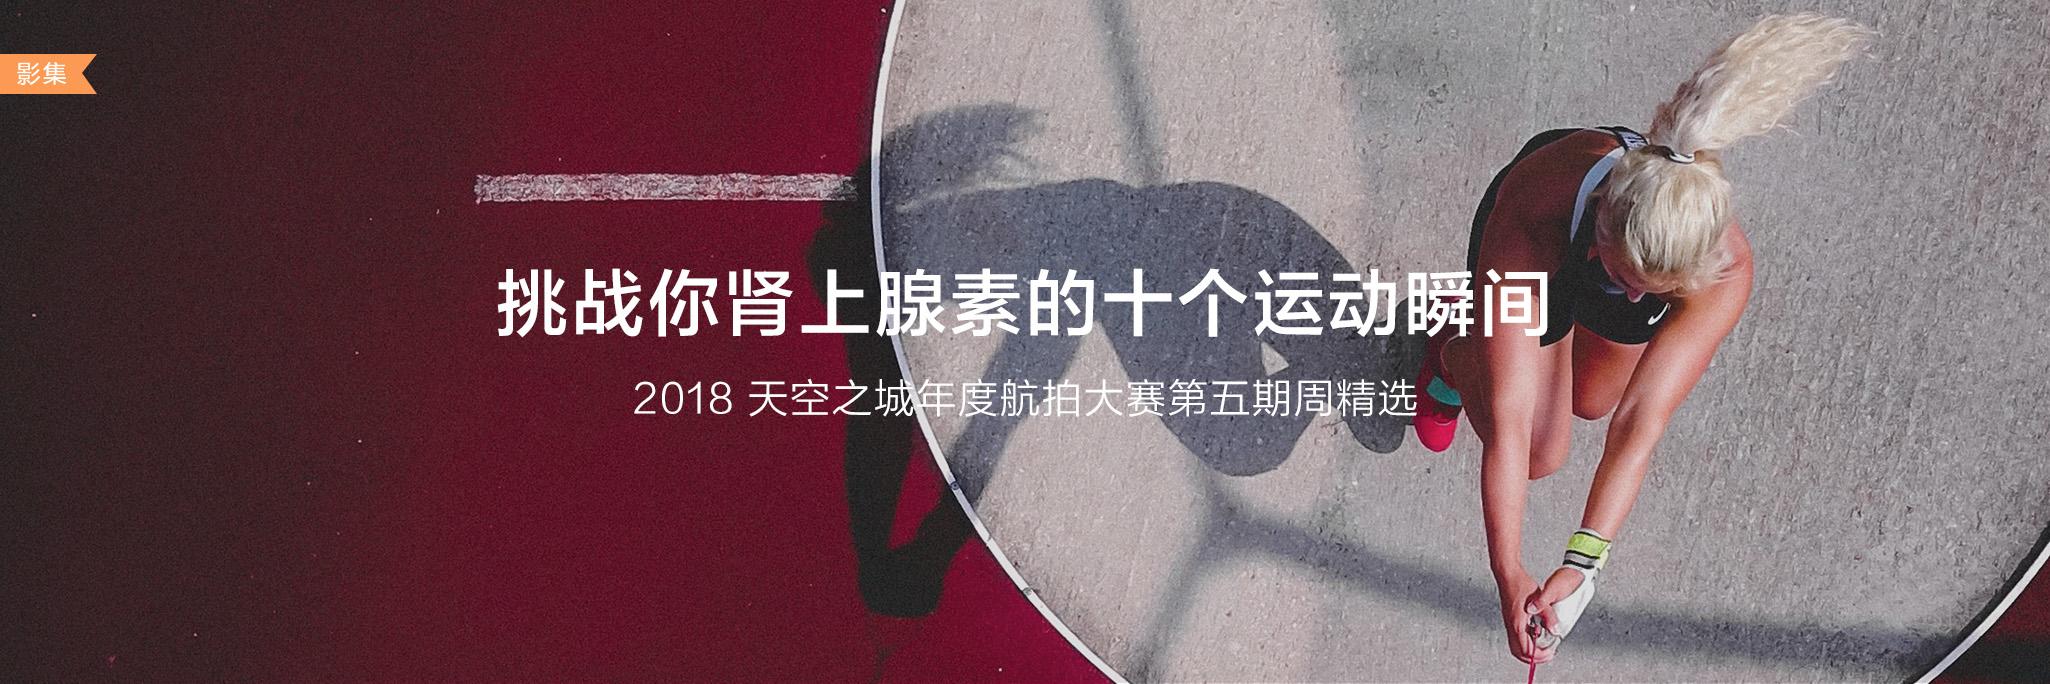 CN-DJIGO大banner-pad-2048x683.jpg